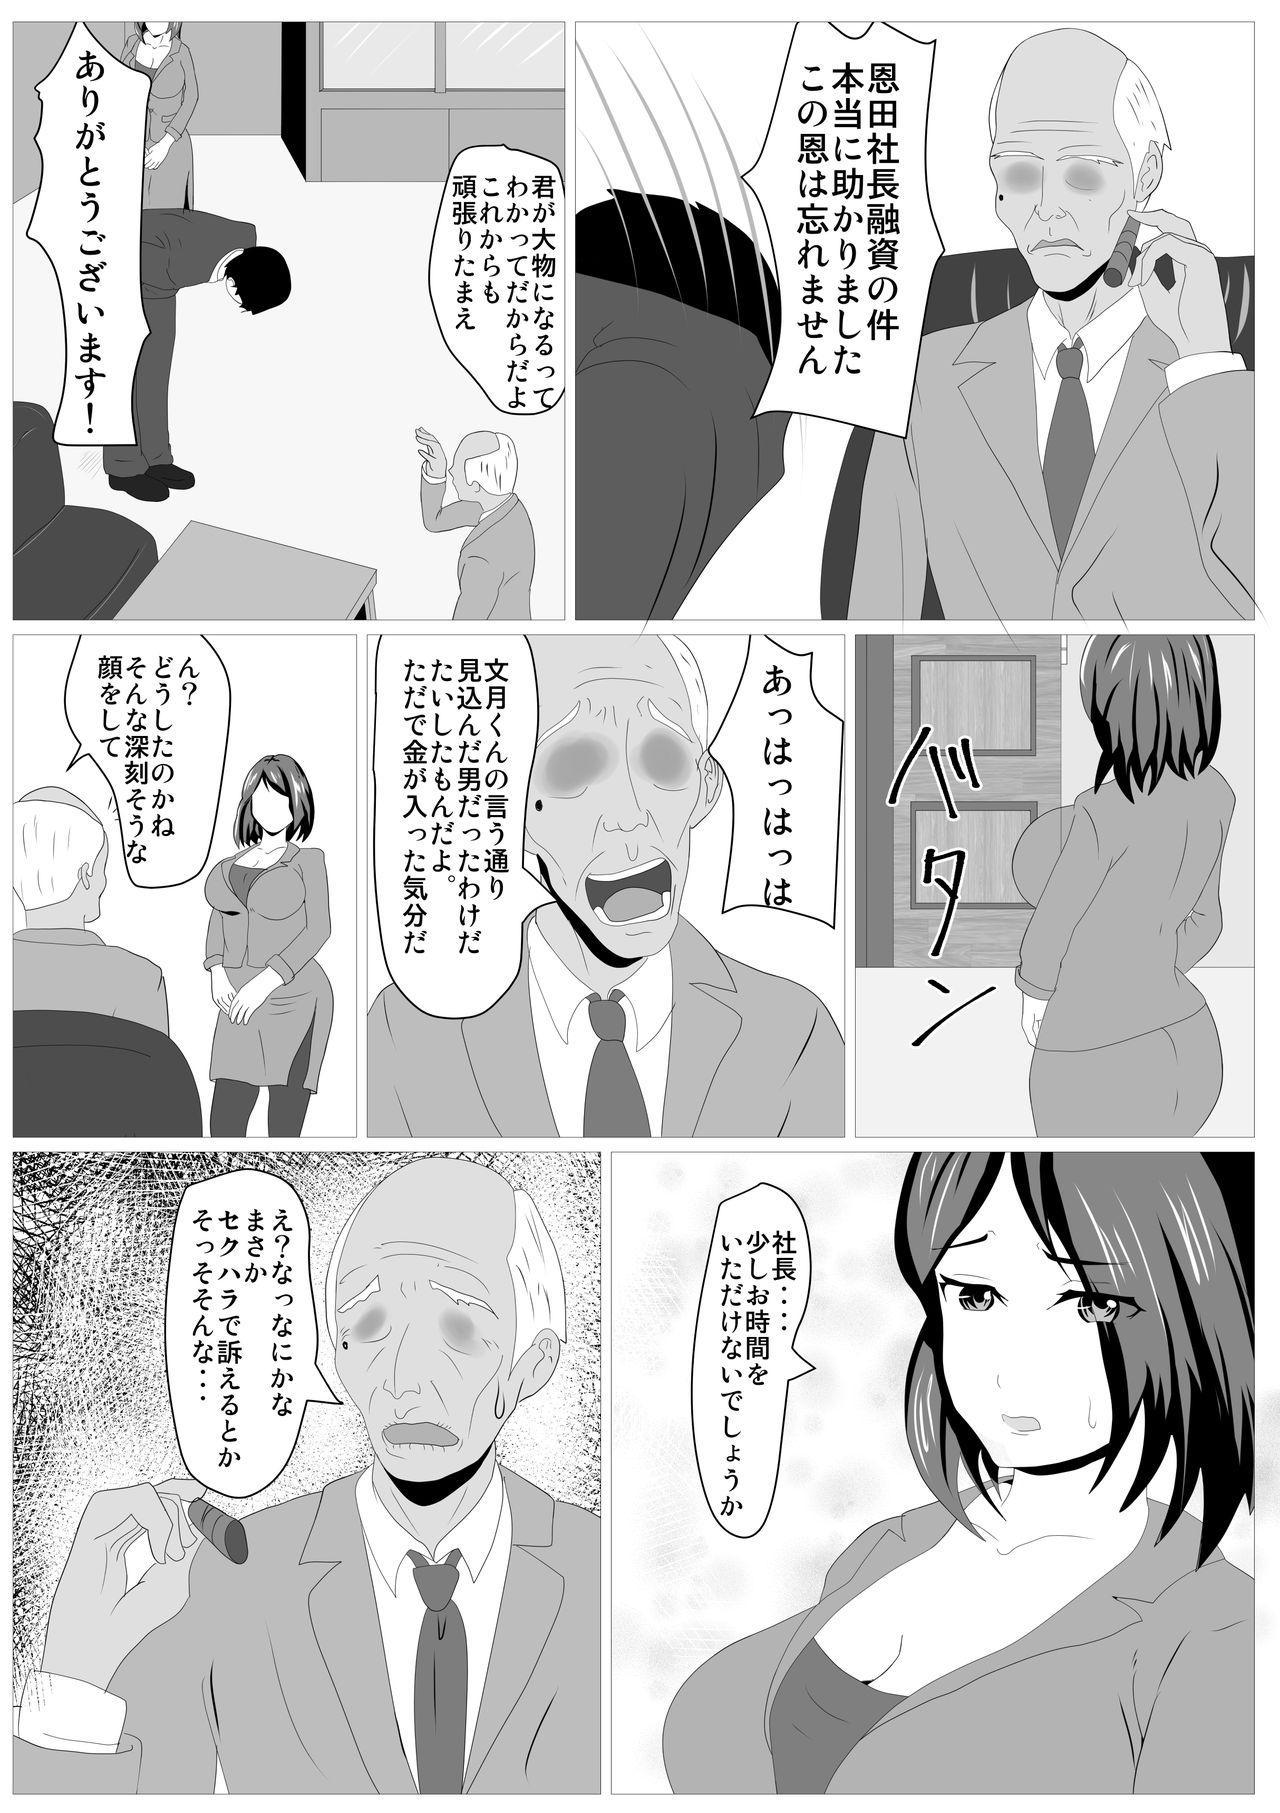 Musuko no Tamenaraba 14